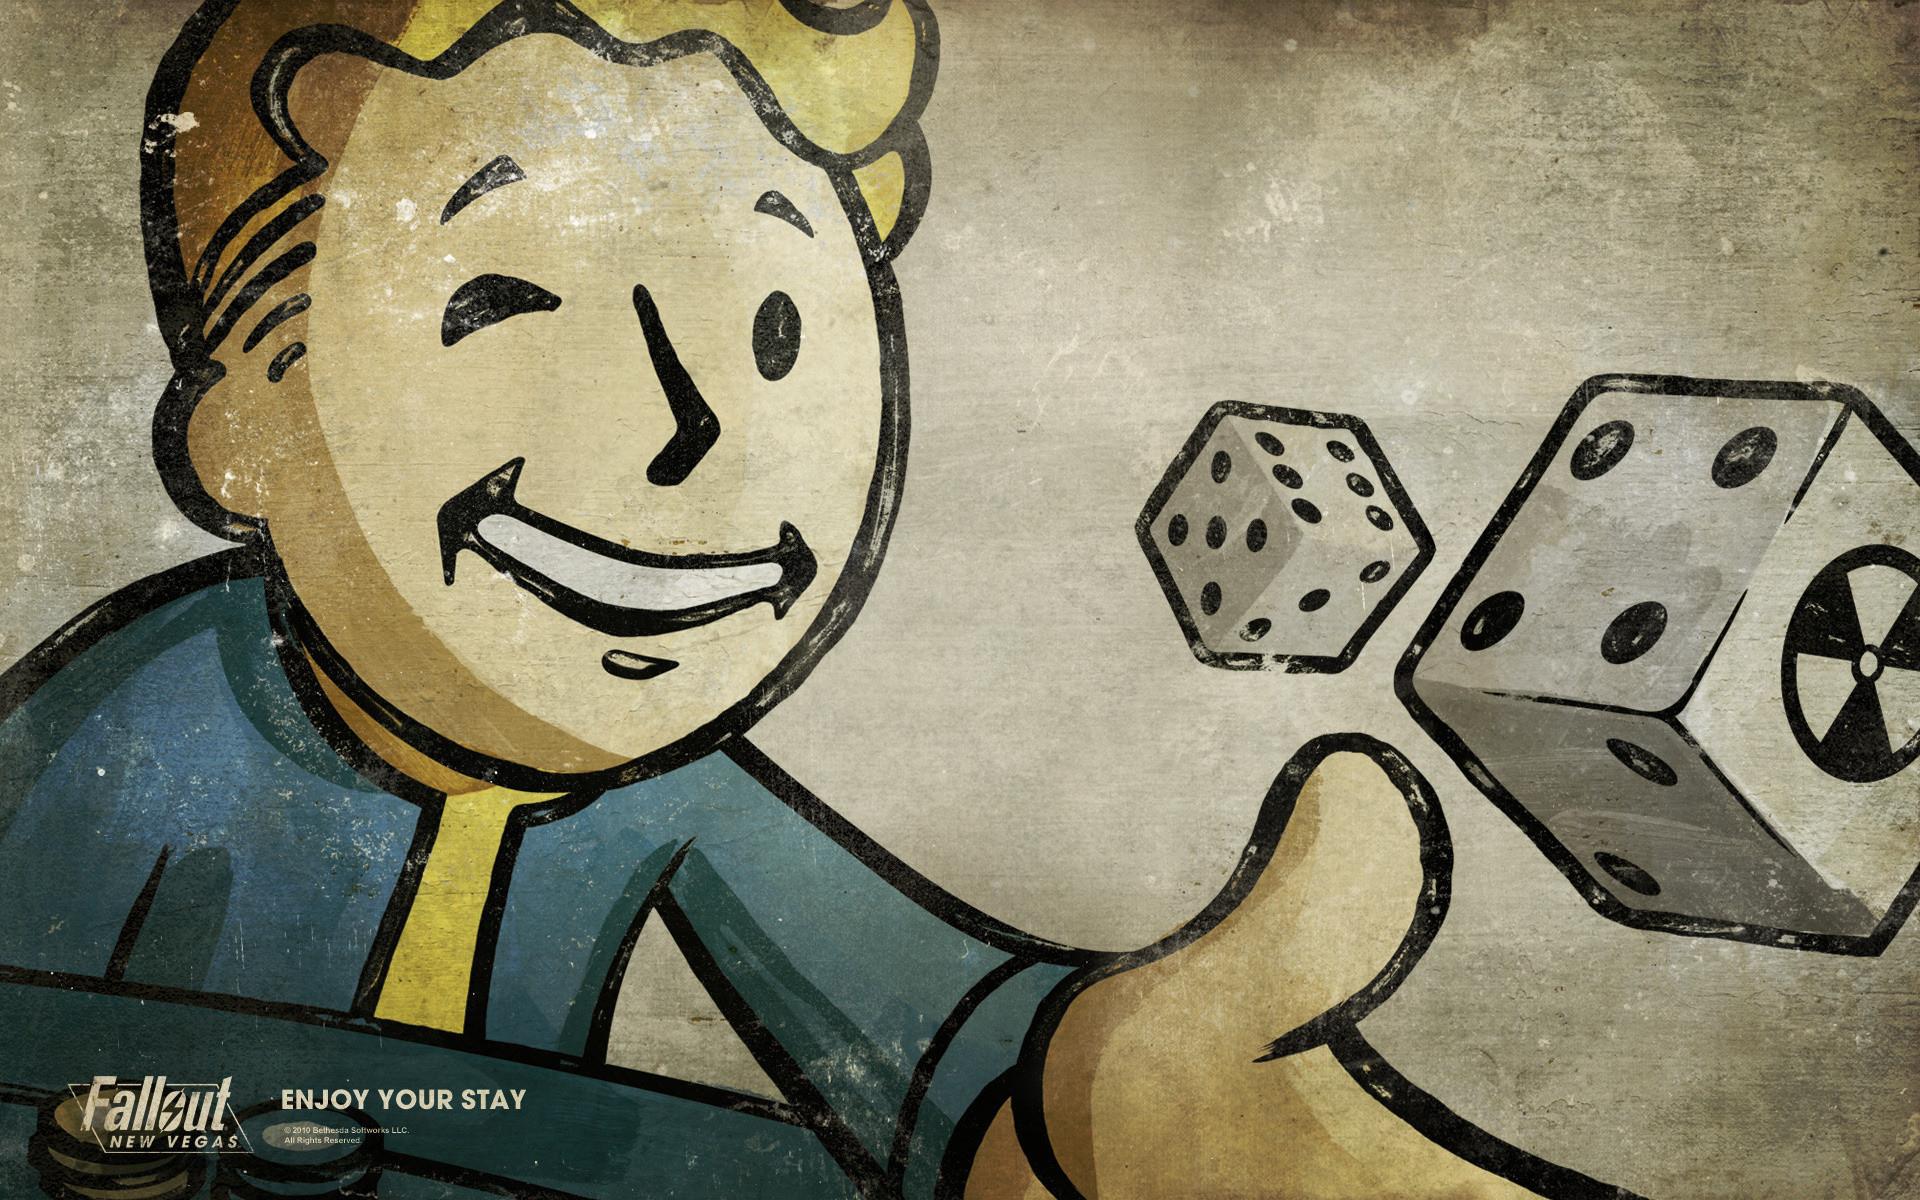 Fallout 3 Wallpaper Vault Boy wallpaper – 578477